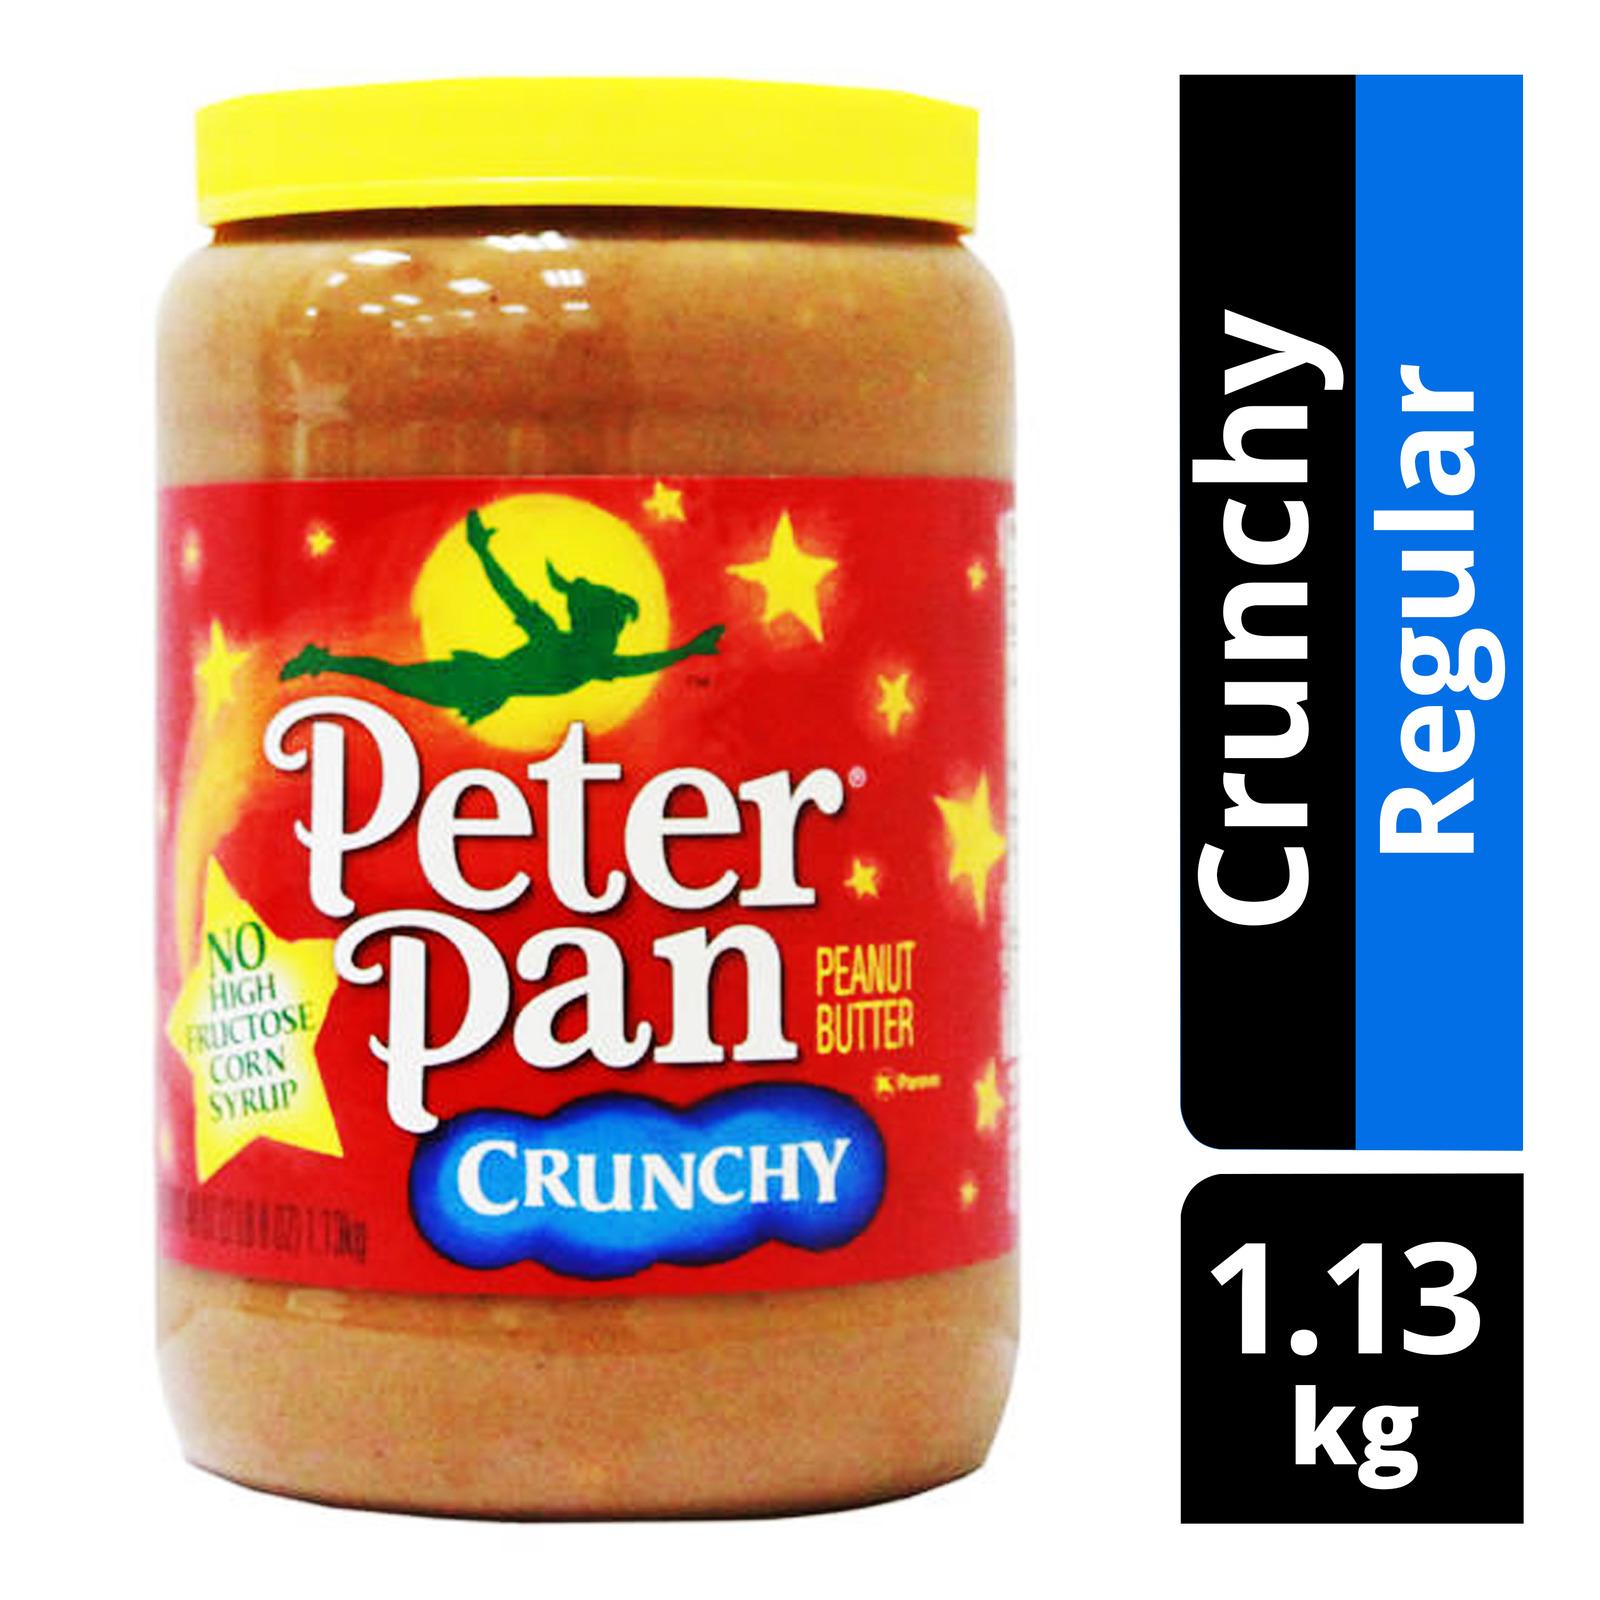 Peter Pan Crunchy Peanut Butter - Regular